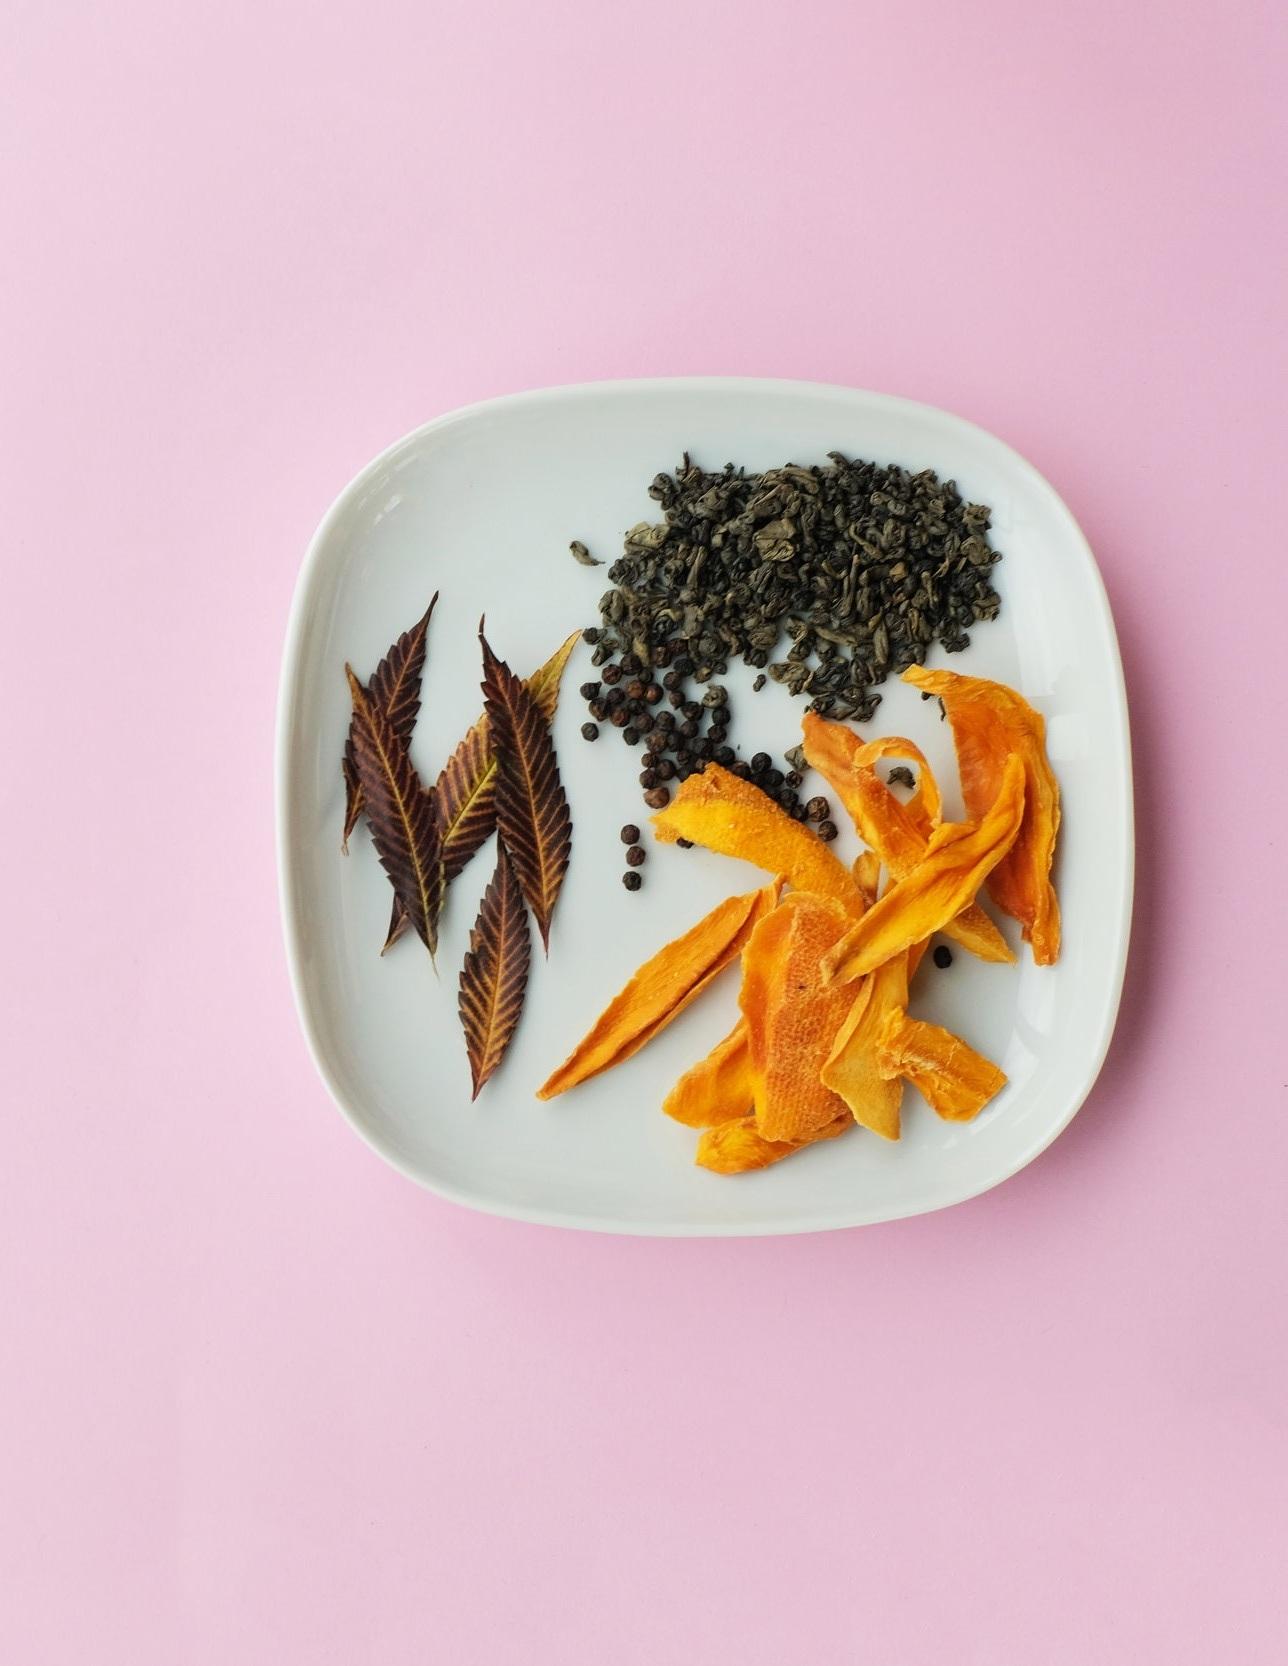 Caryophyllene- - Terpene: CaryophylleneAroma: PepperyReputation: Gut-healerAlso found in: Pepper, cloves, spices